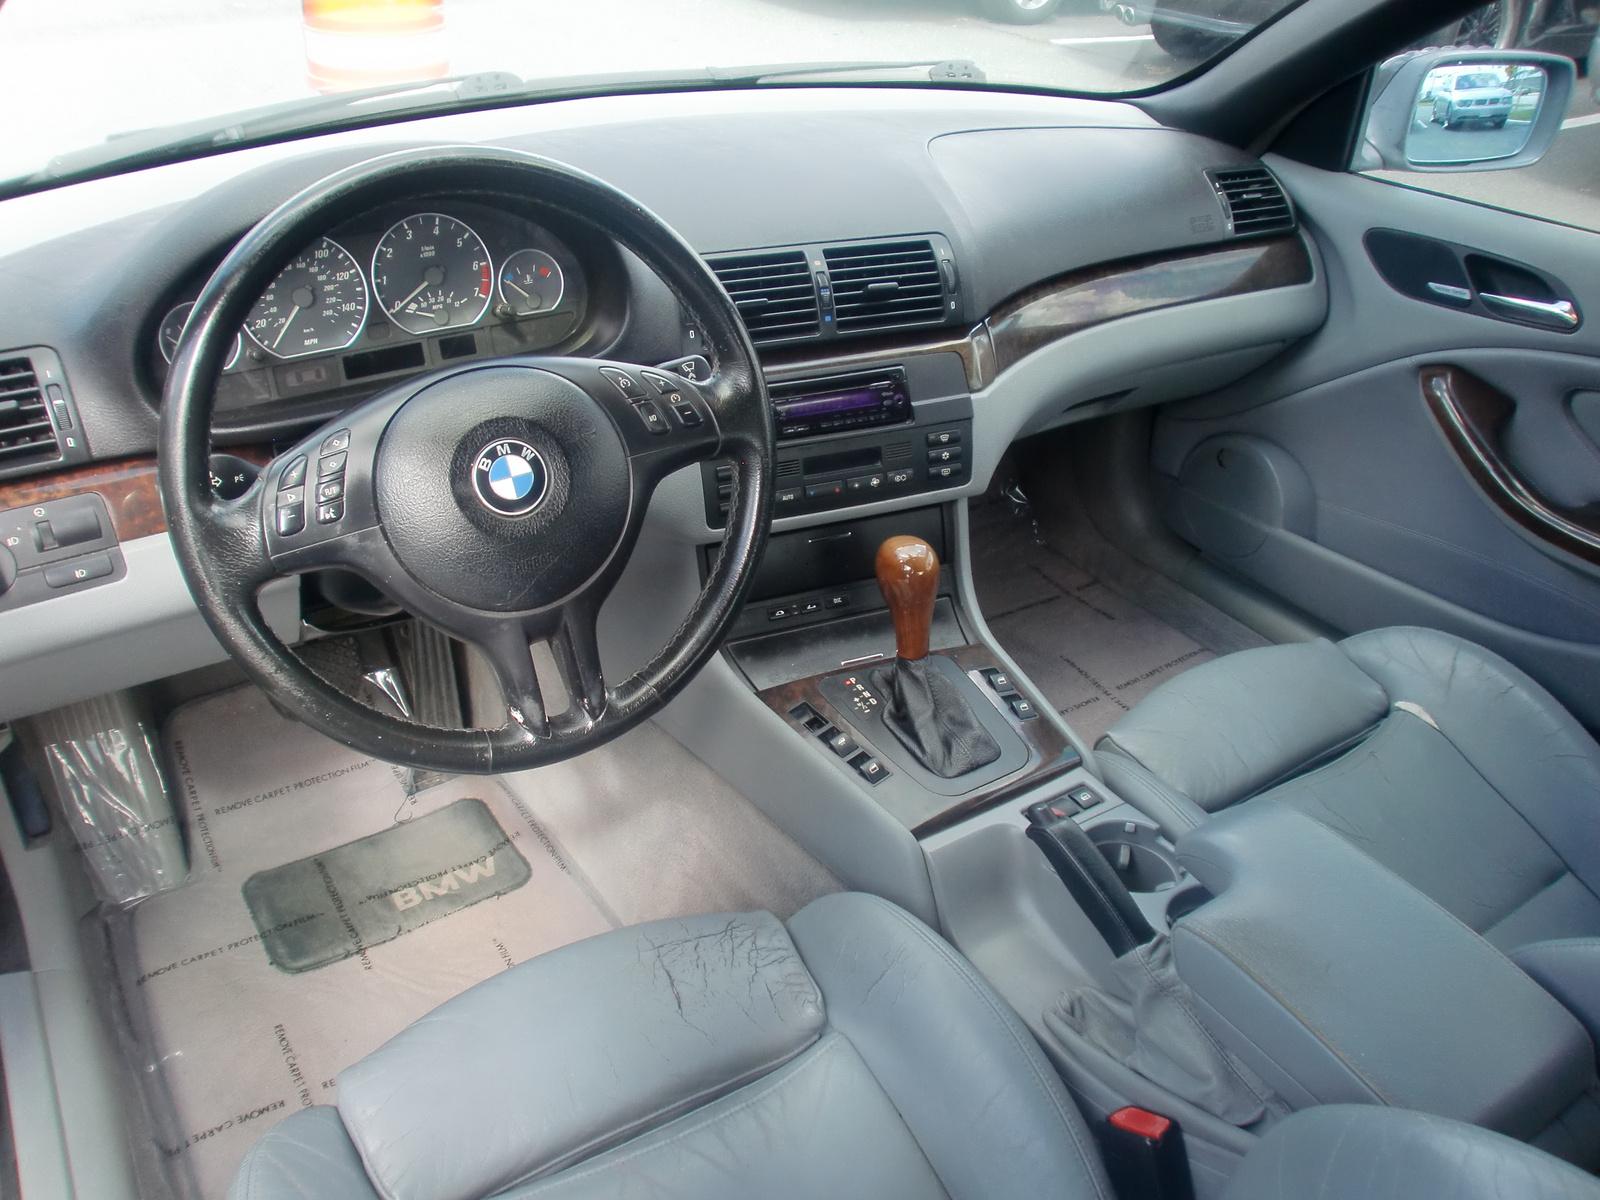 2001 Bmw 330i Interior Trim